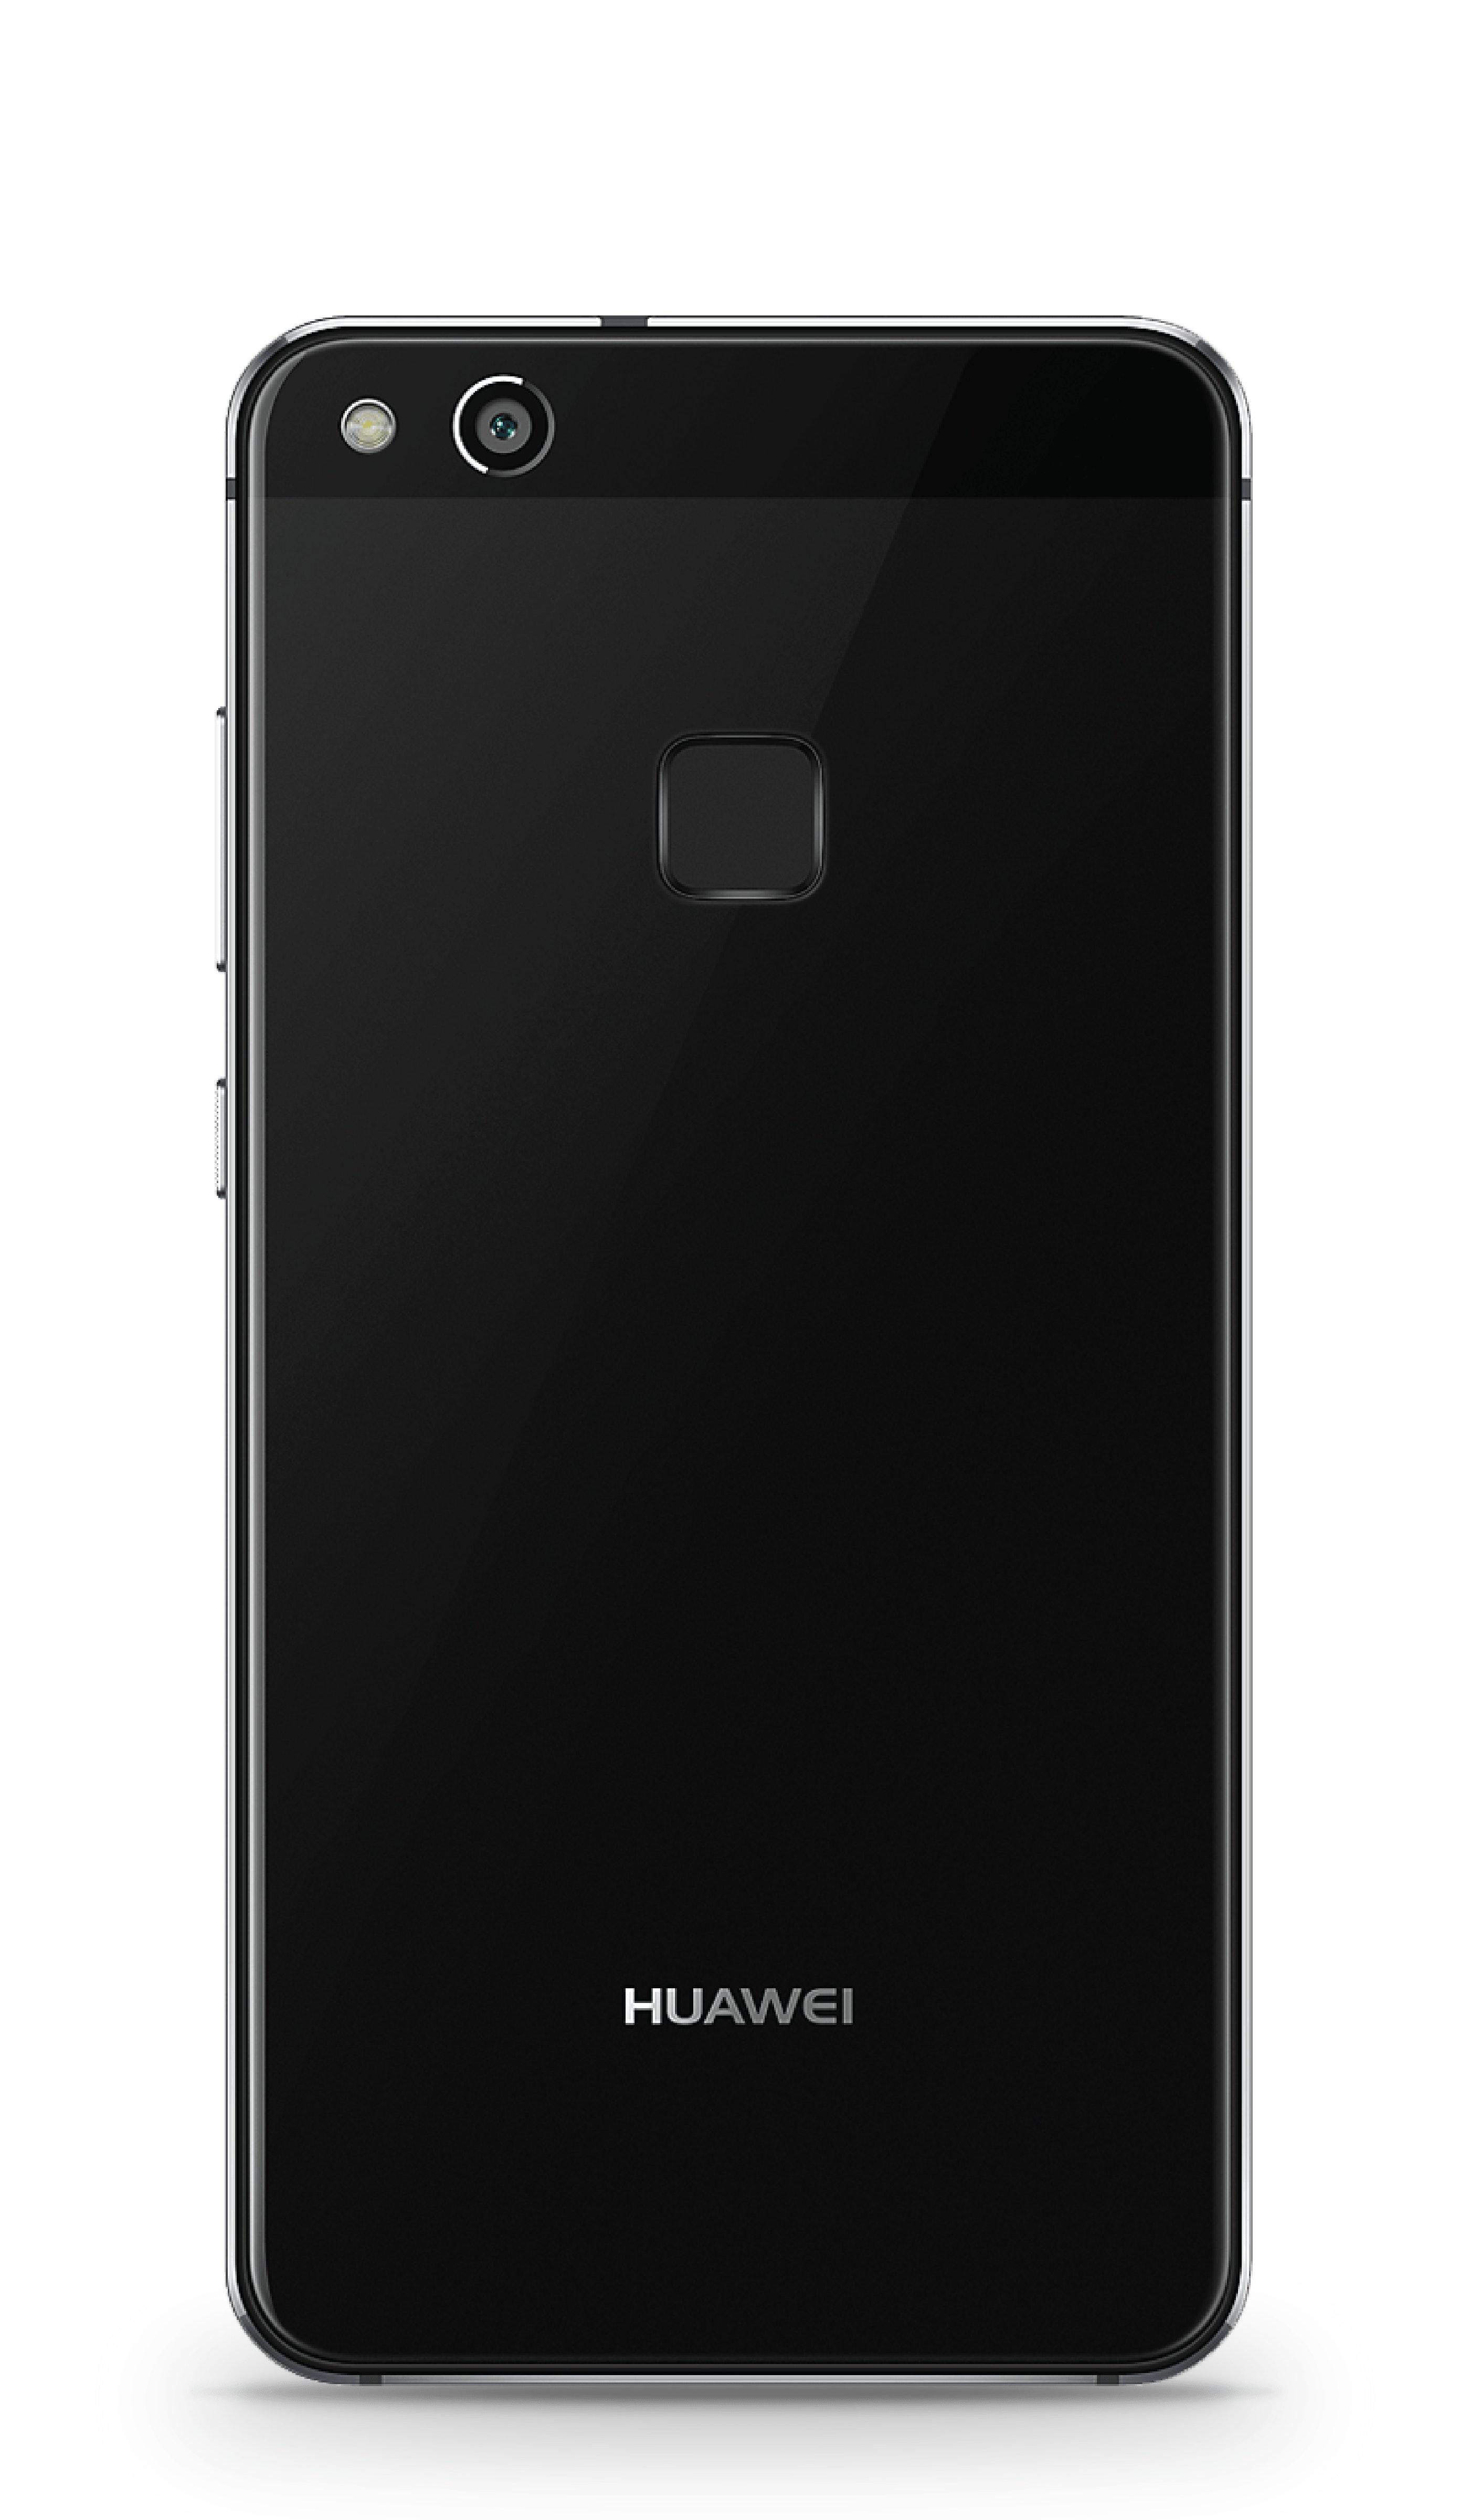 Huawei P10 Lite image